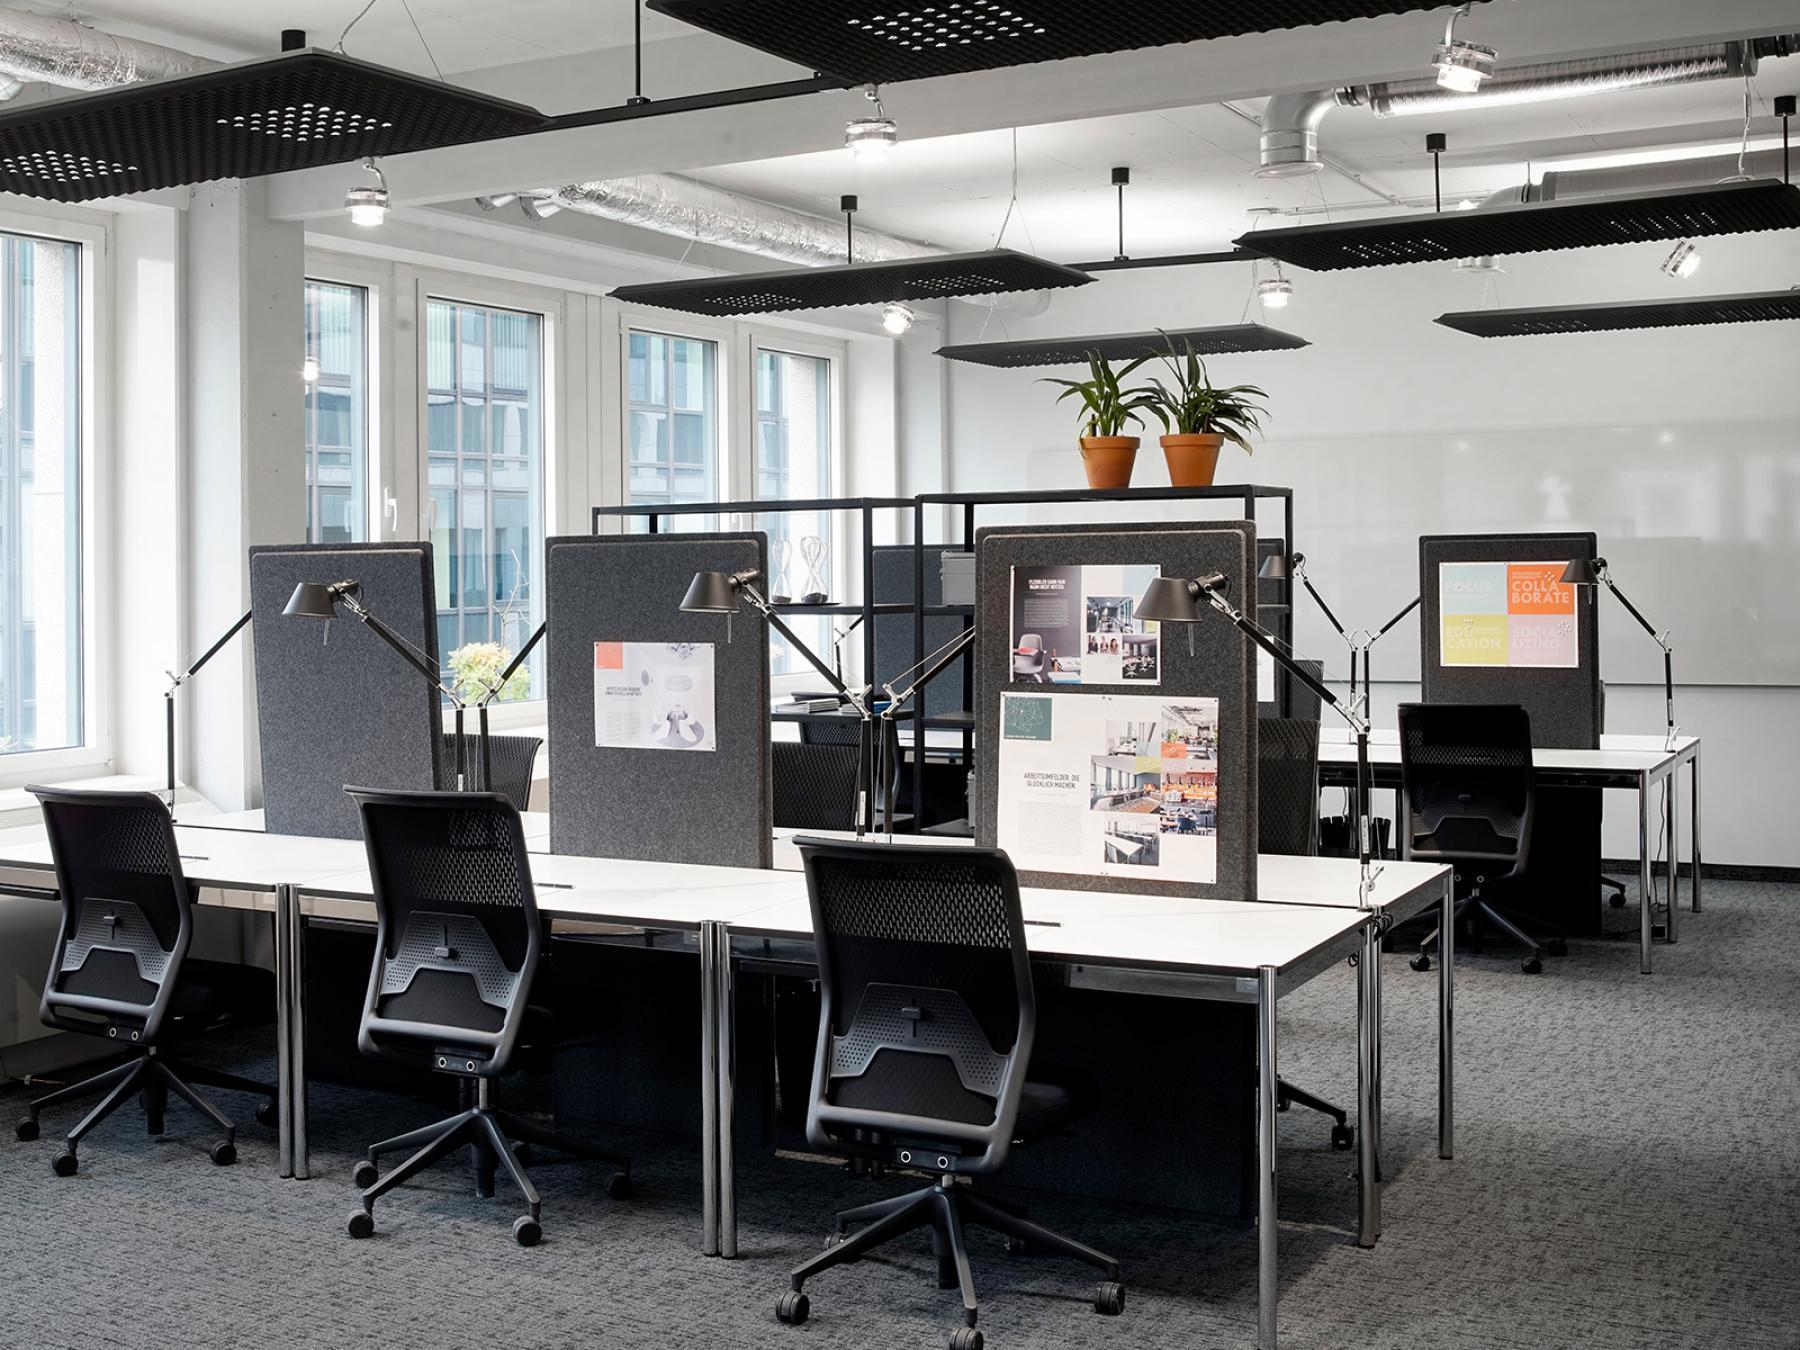 Hochmoderne Arbeitsplätze im Coworking-Bereich